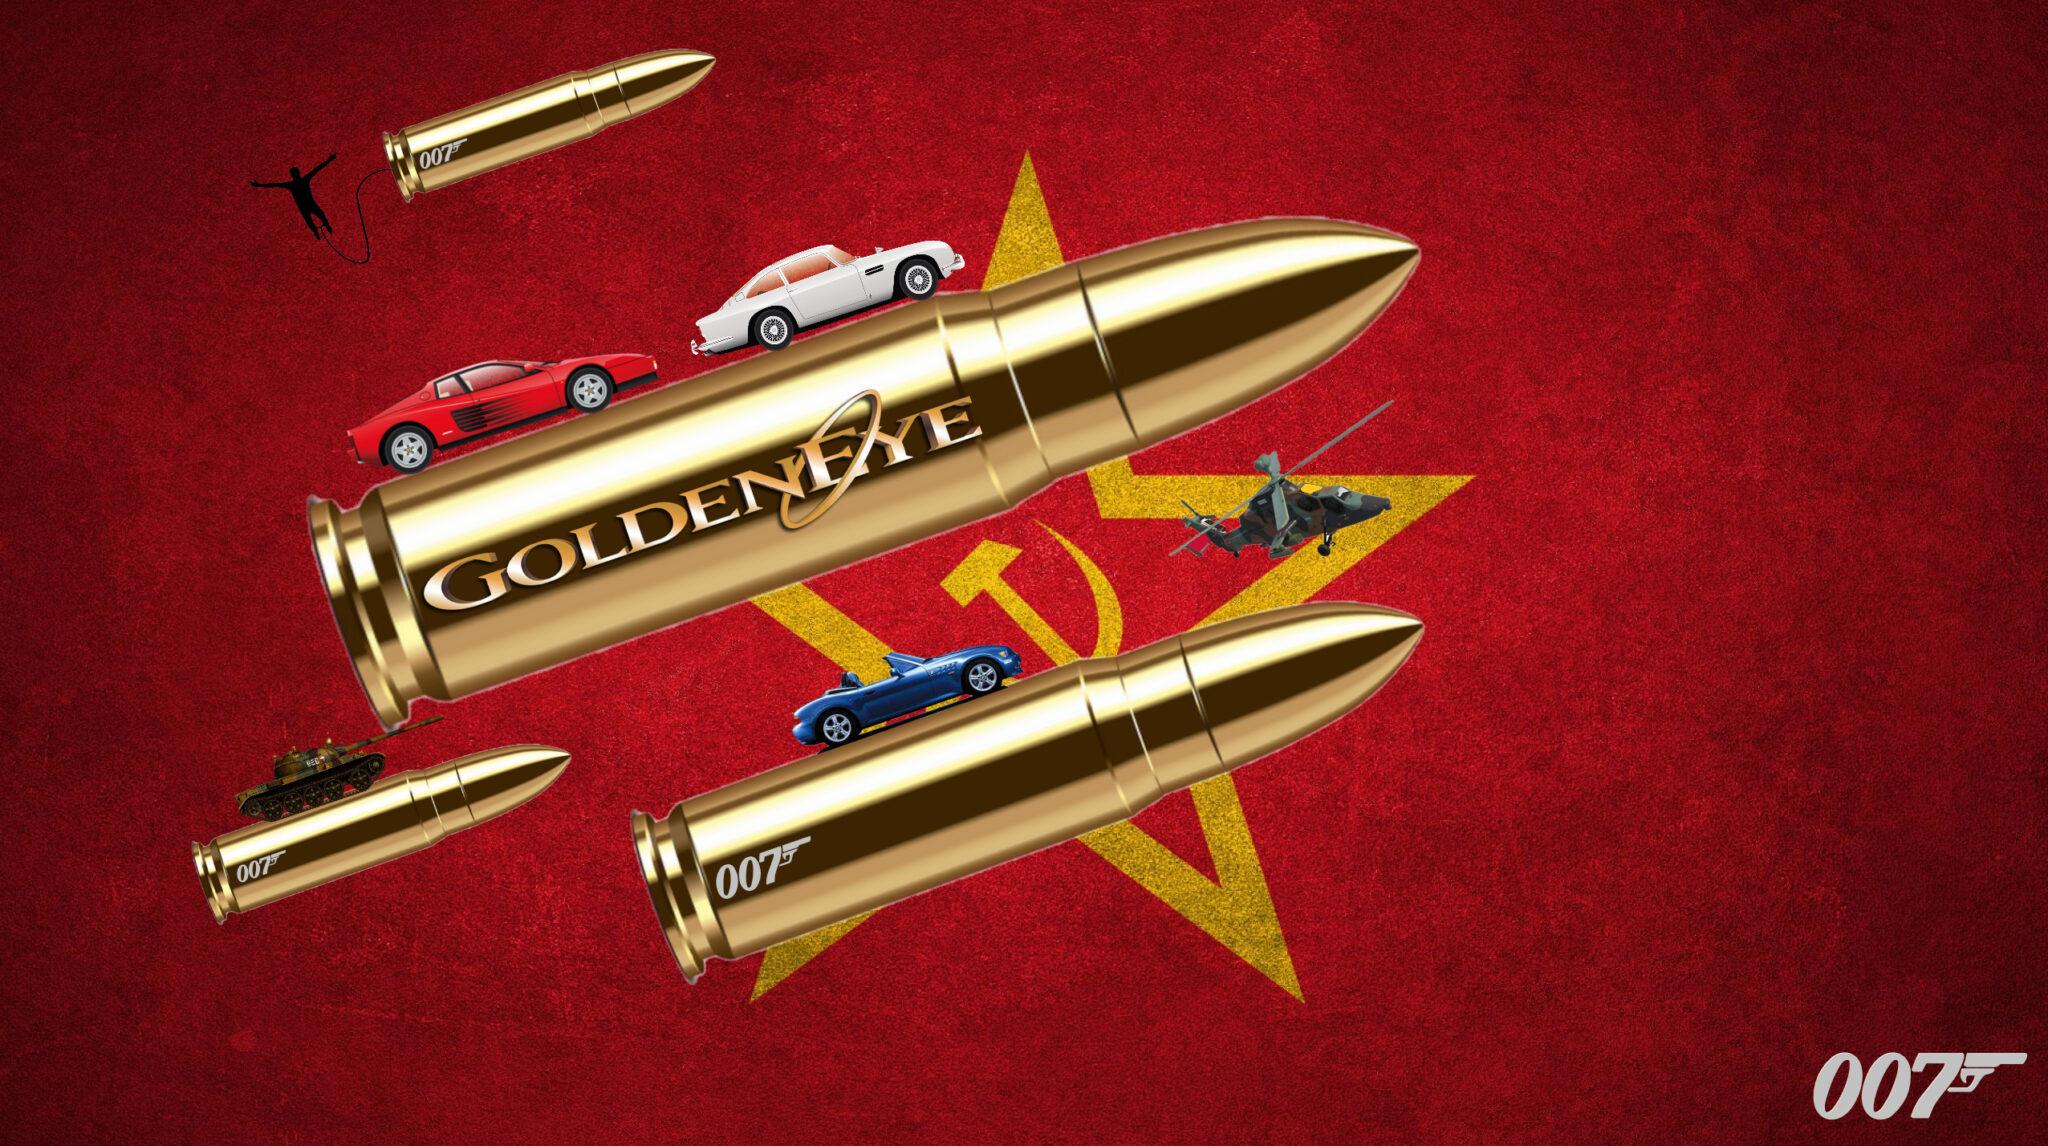 GOLDENEYE-25-c-2048x1146.jpg